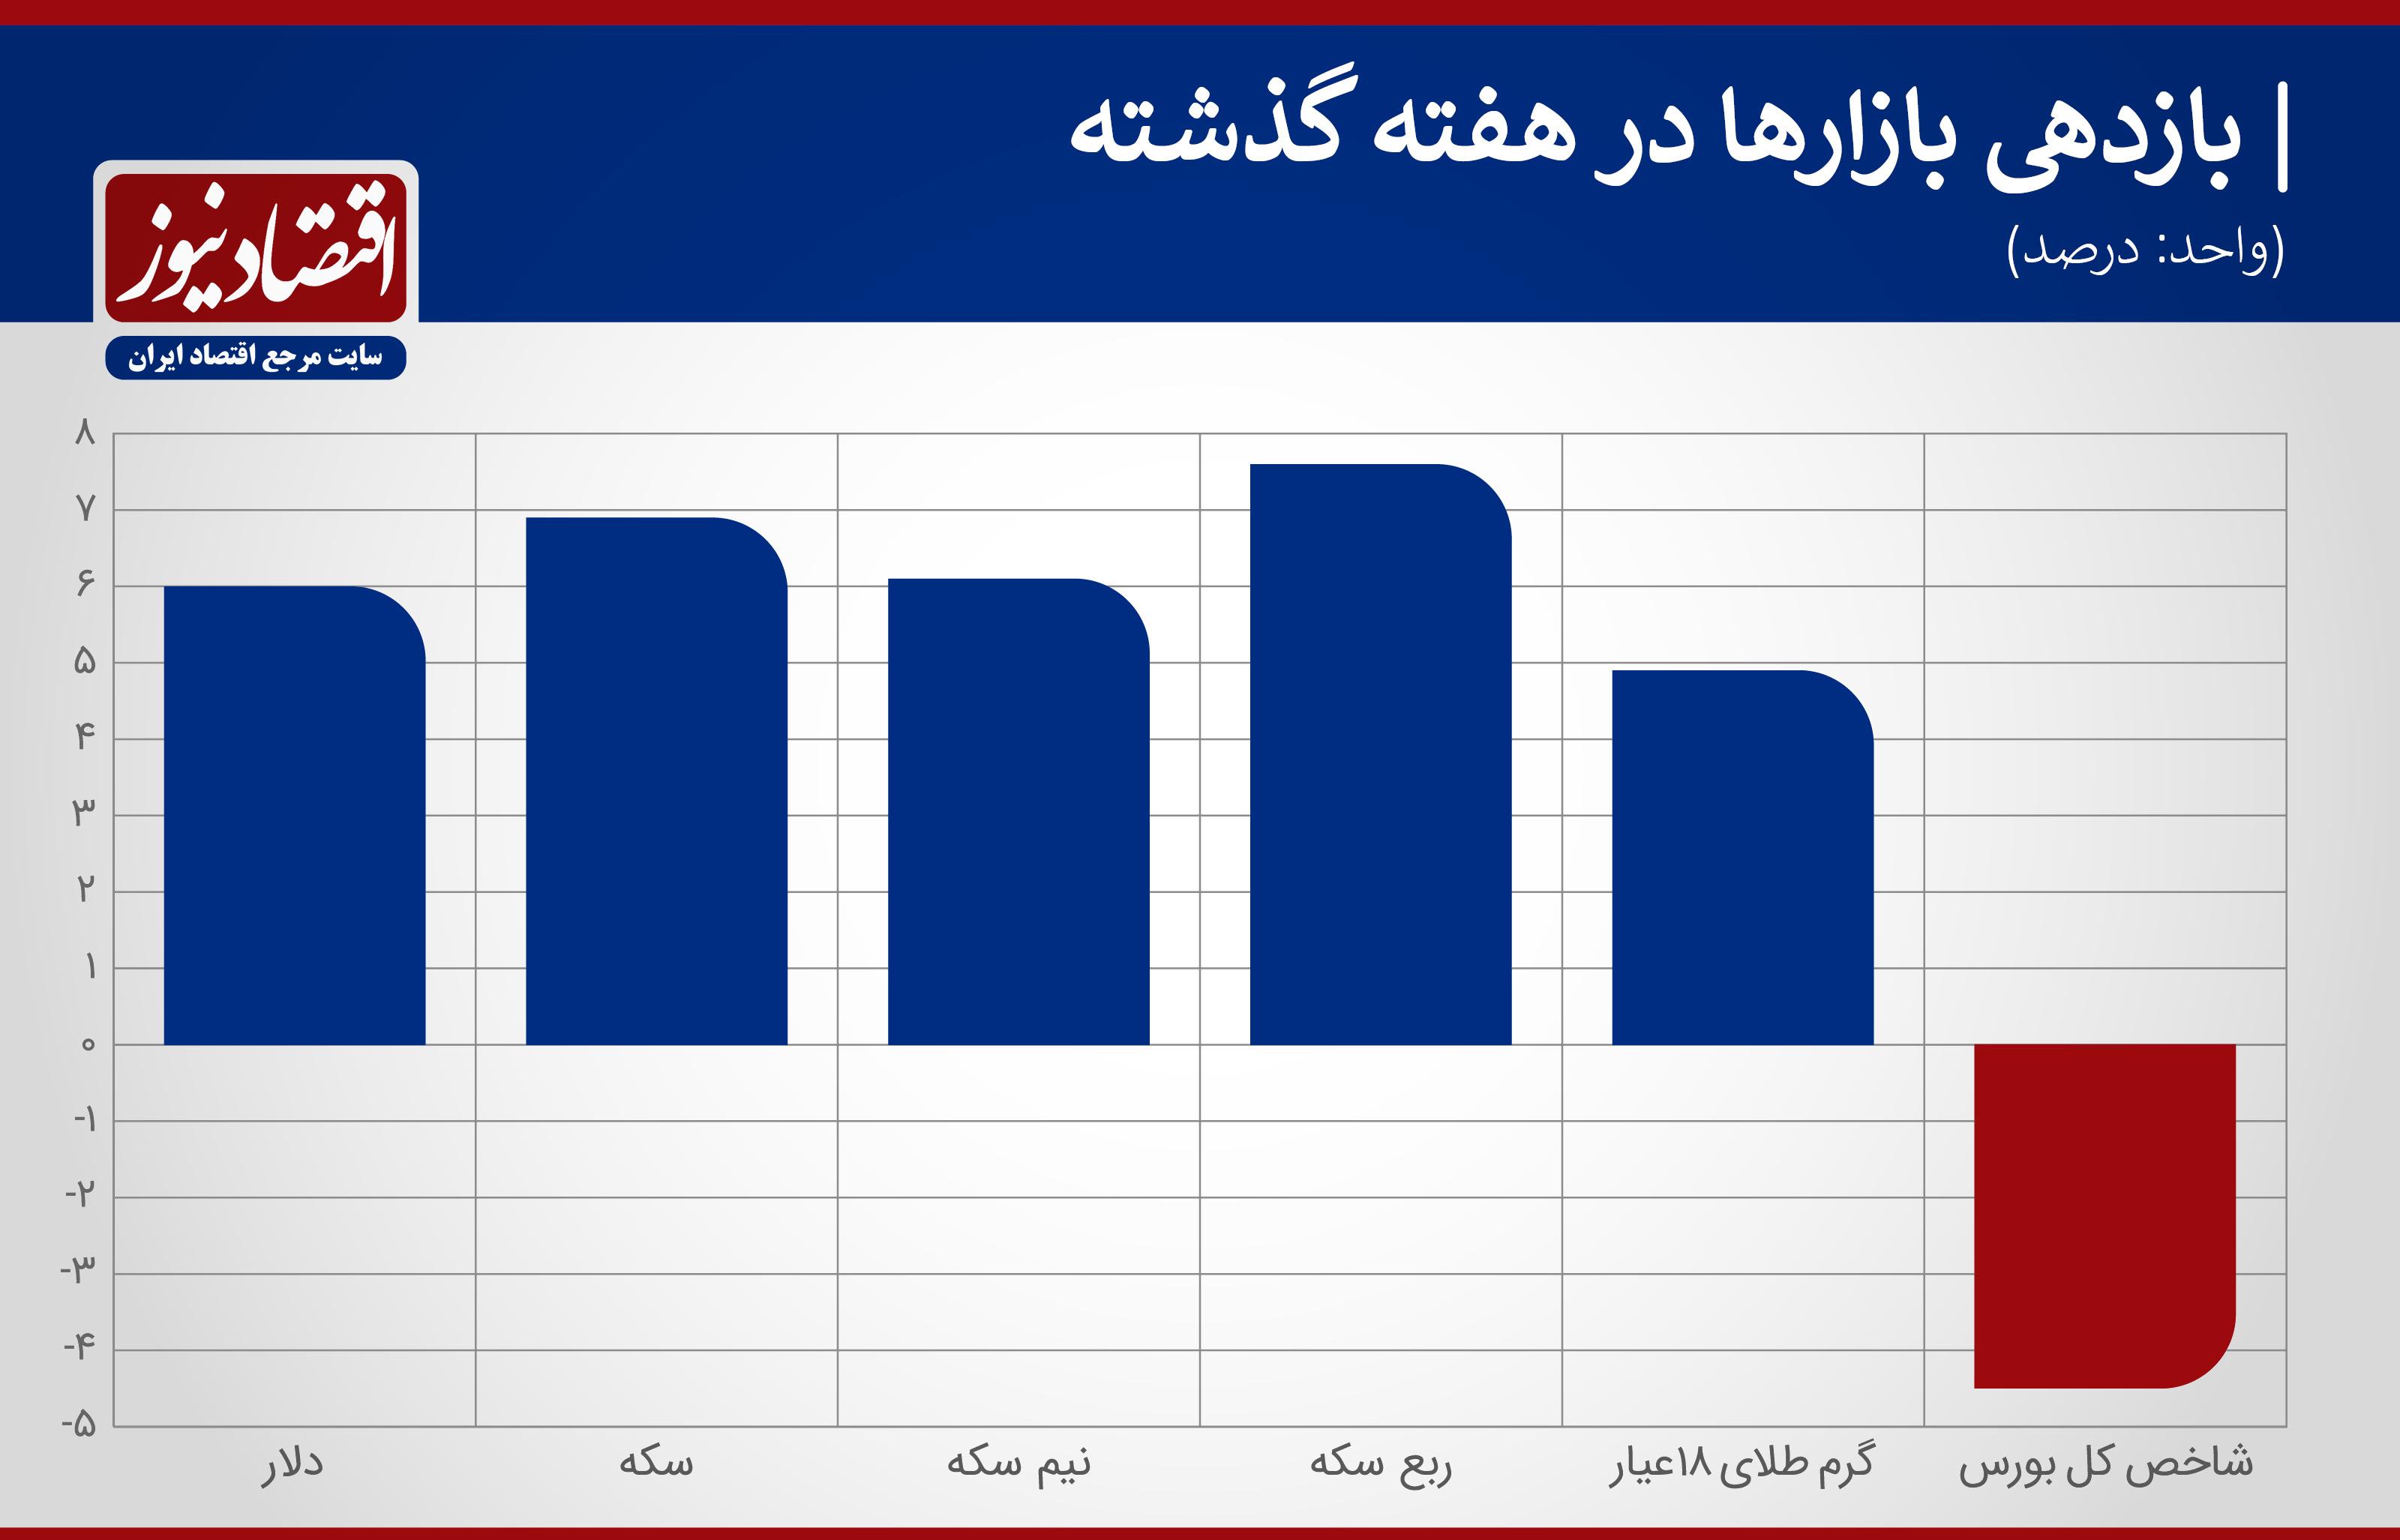 جدول بازدهی بازارها در هفته سوم شهیور